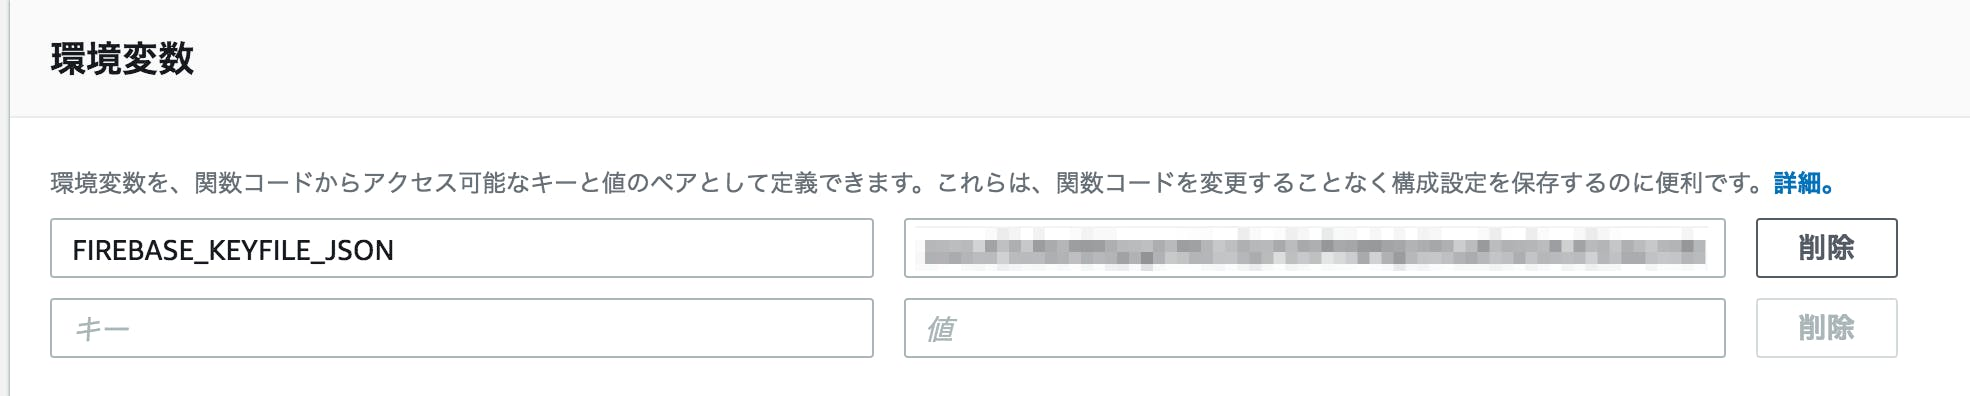 スクリーンショット_2019-03-11_11_25_49.png